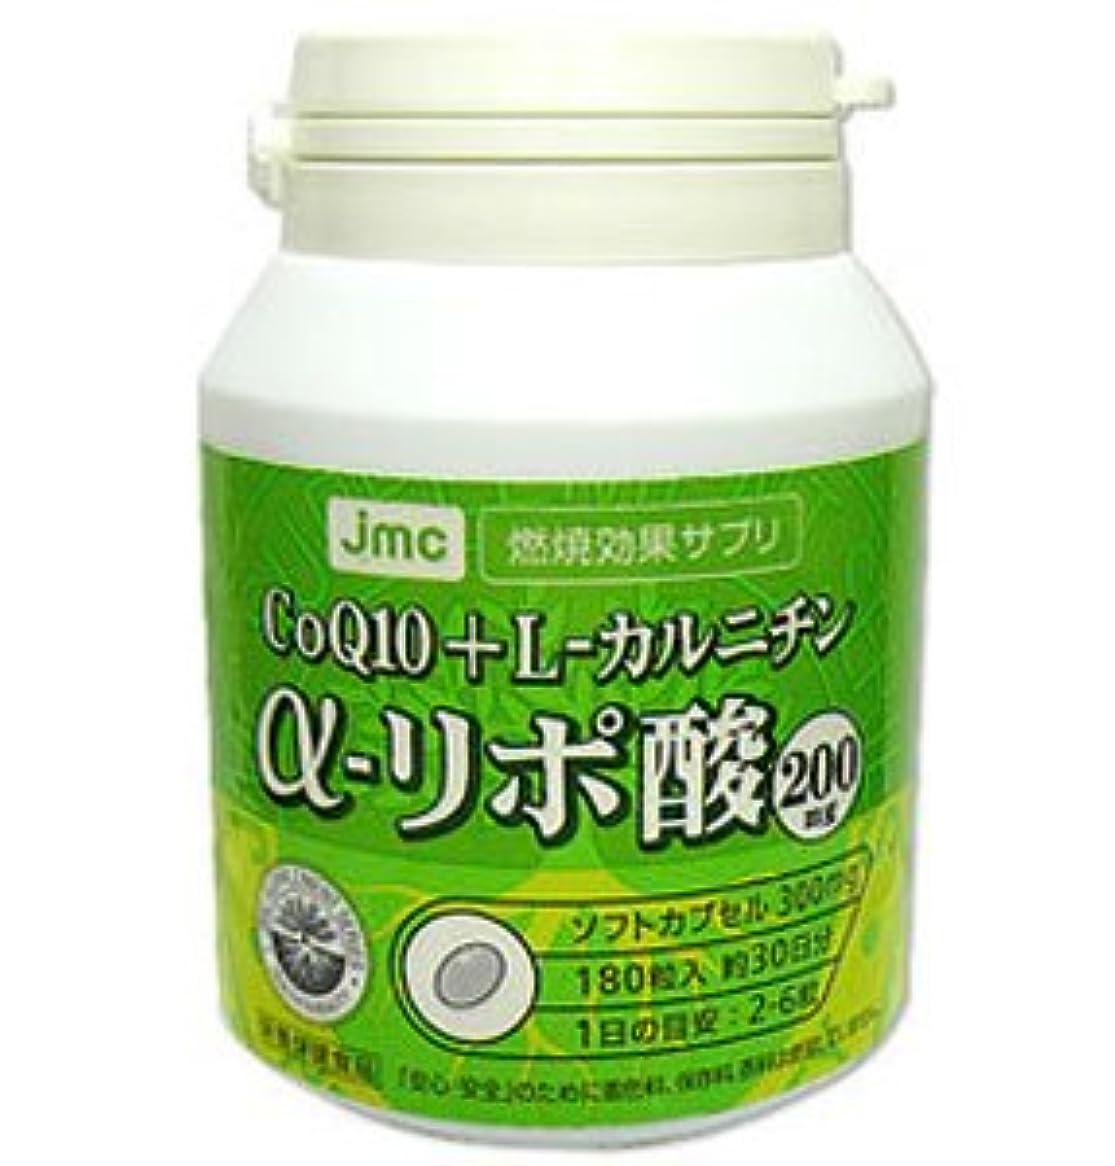 アラブ人入札狭いα-リポ酸200mg(αリポ酸、COQ10、L-カルニチン、共役リノール酸配合ダイエットサプリ)